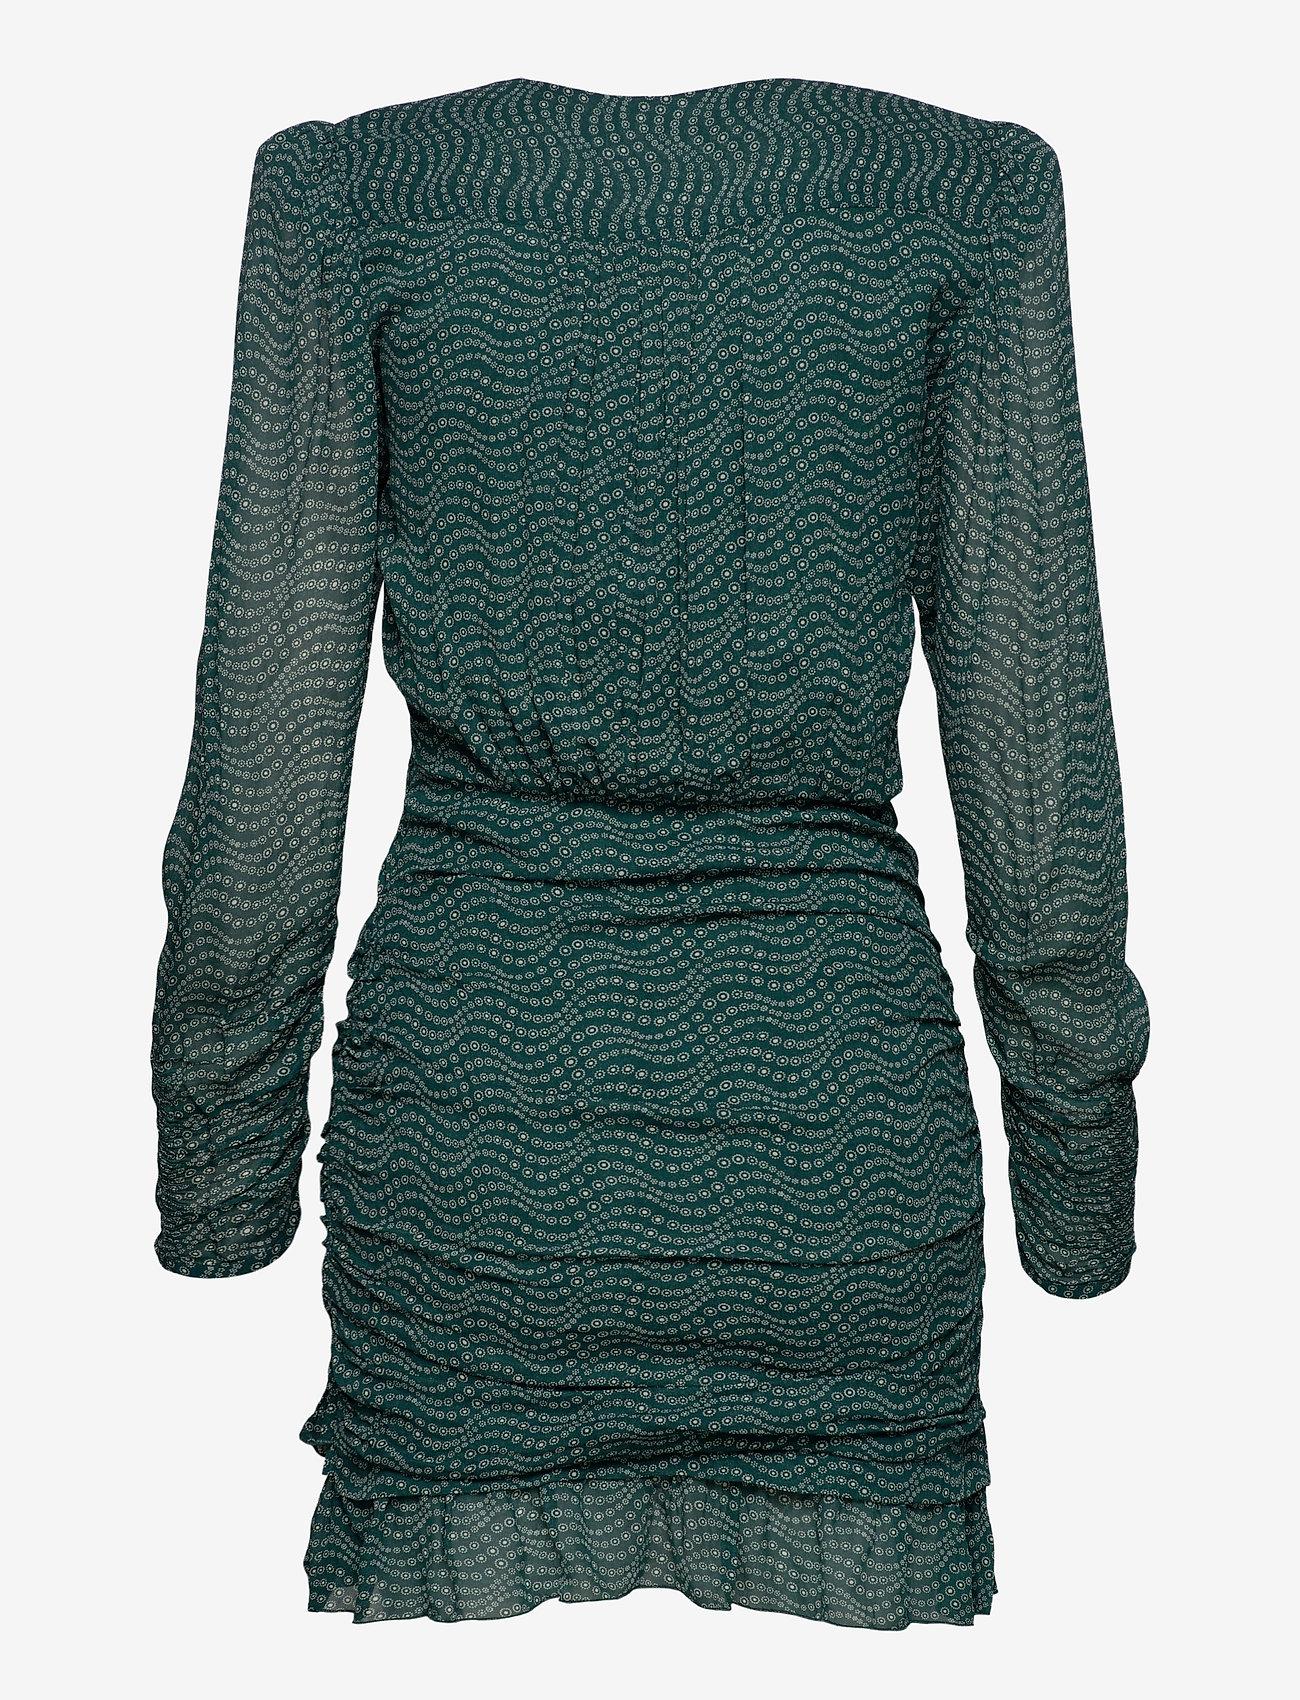 Robe Little (Emeraude) (275 €) - ba&sh dWHfp